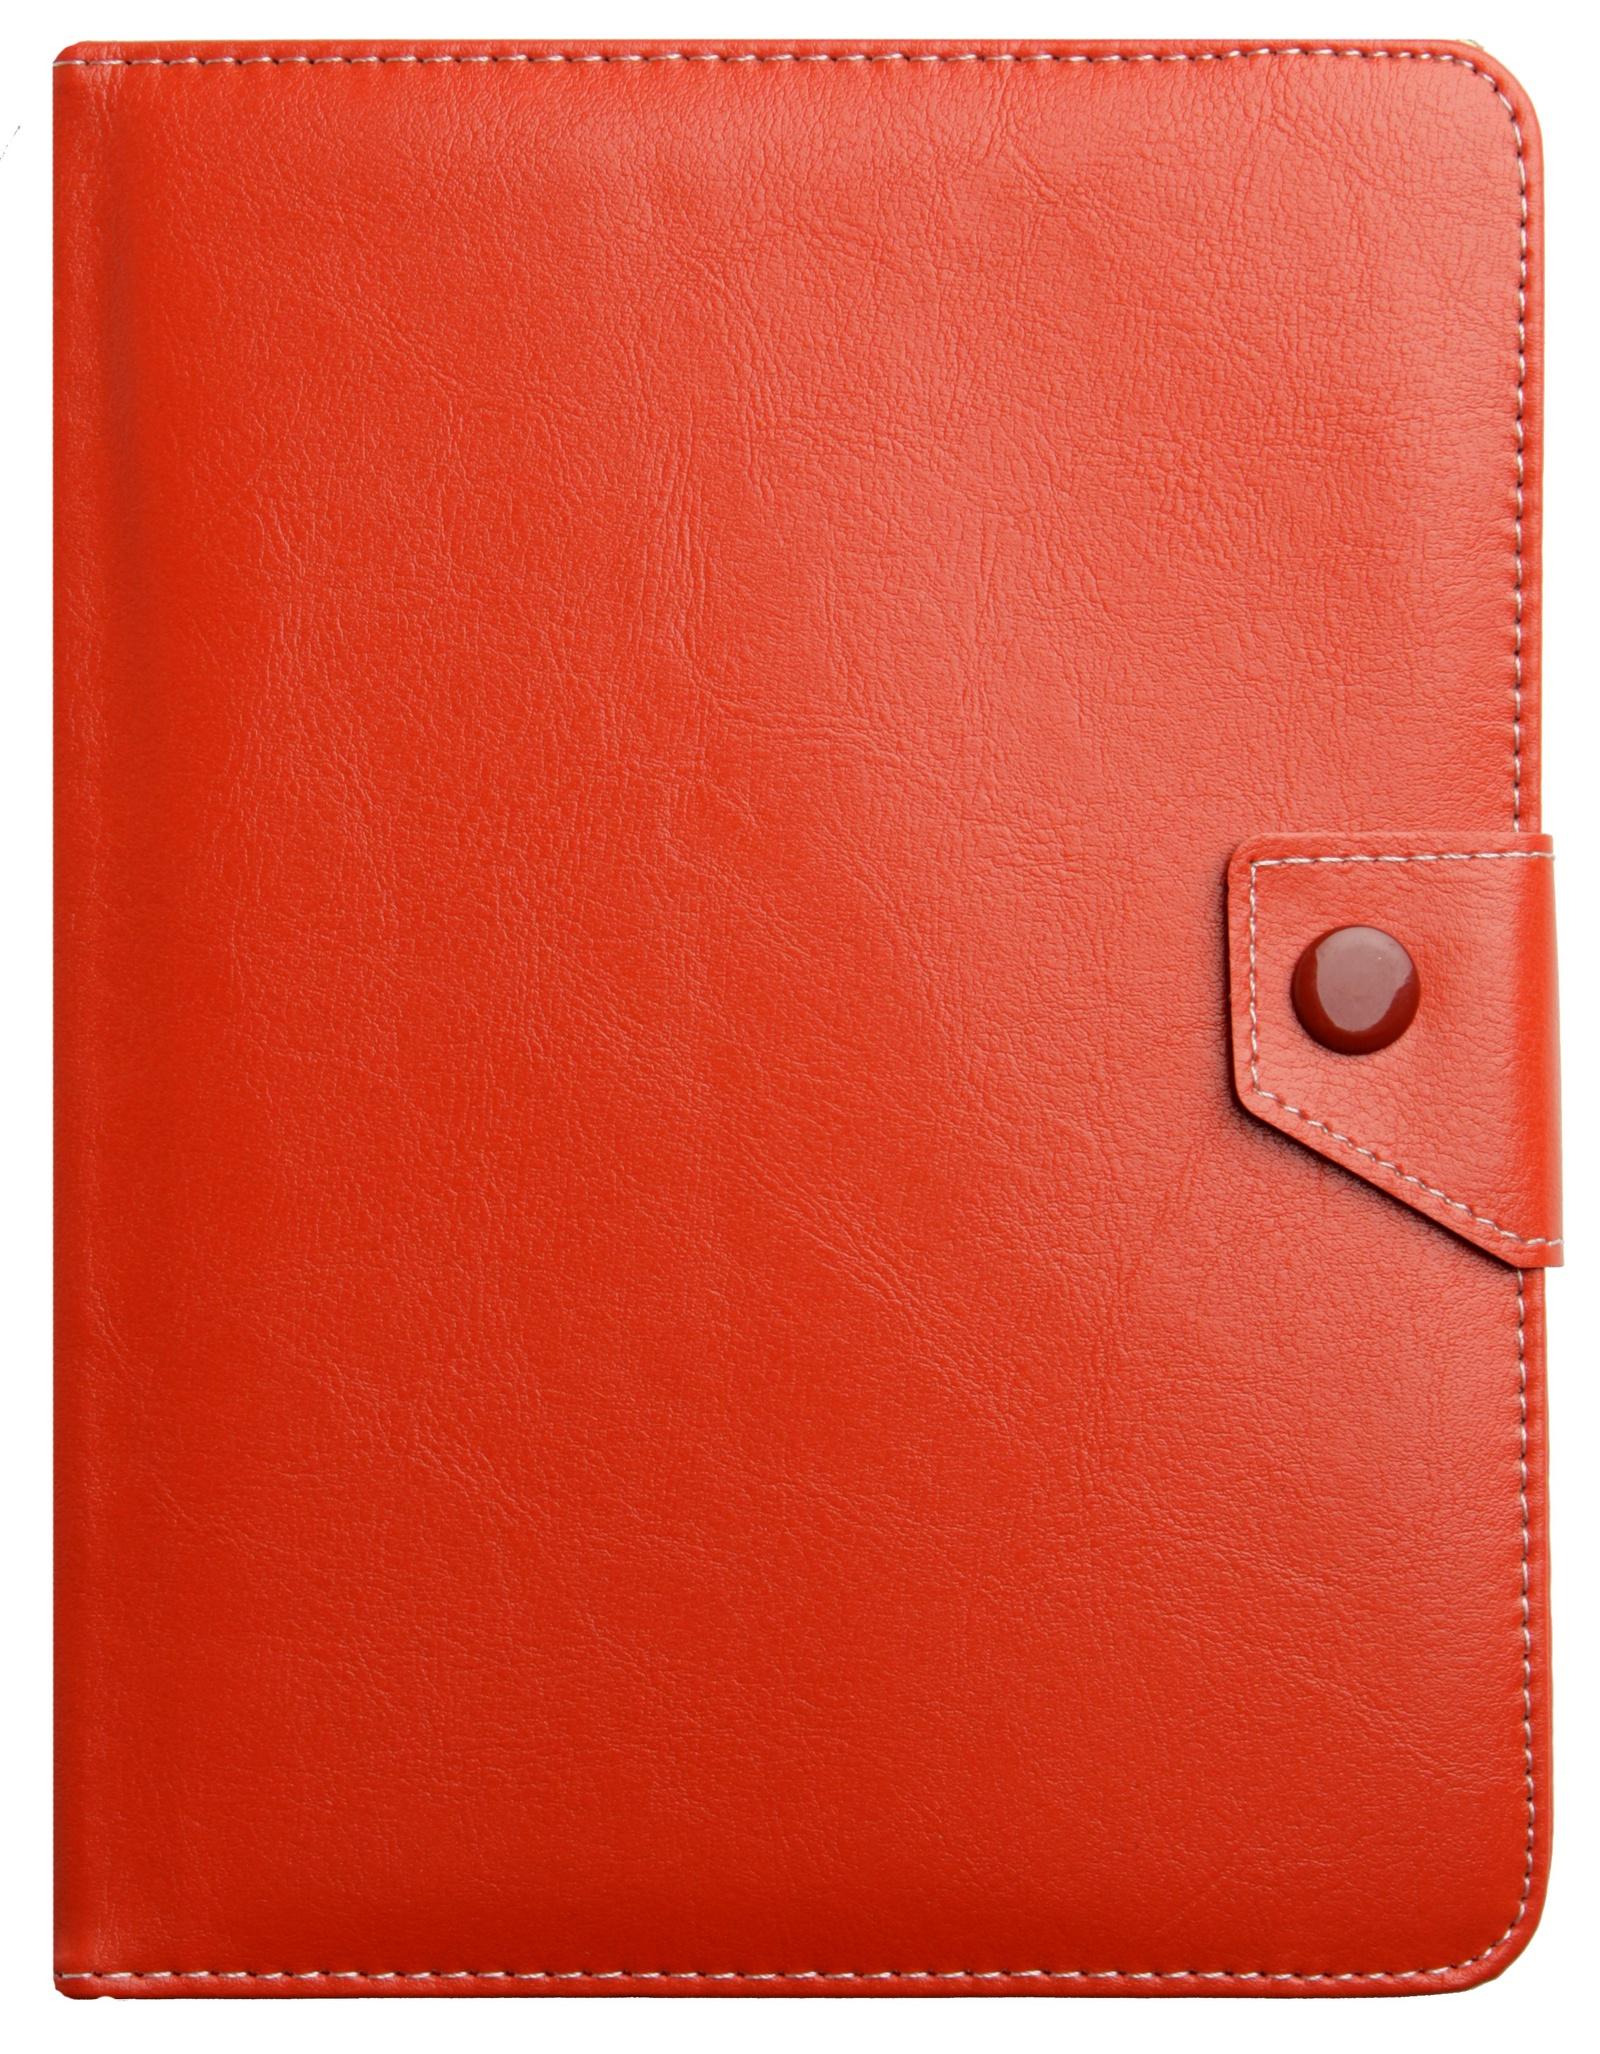 Чехол универсальный ProShield Standard Clips8, 2000000138183, красный чехол универсальный proshield standard clips8 2000000139876 золотистый